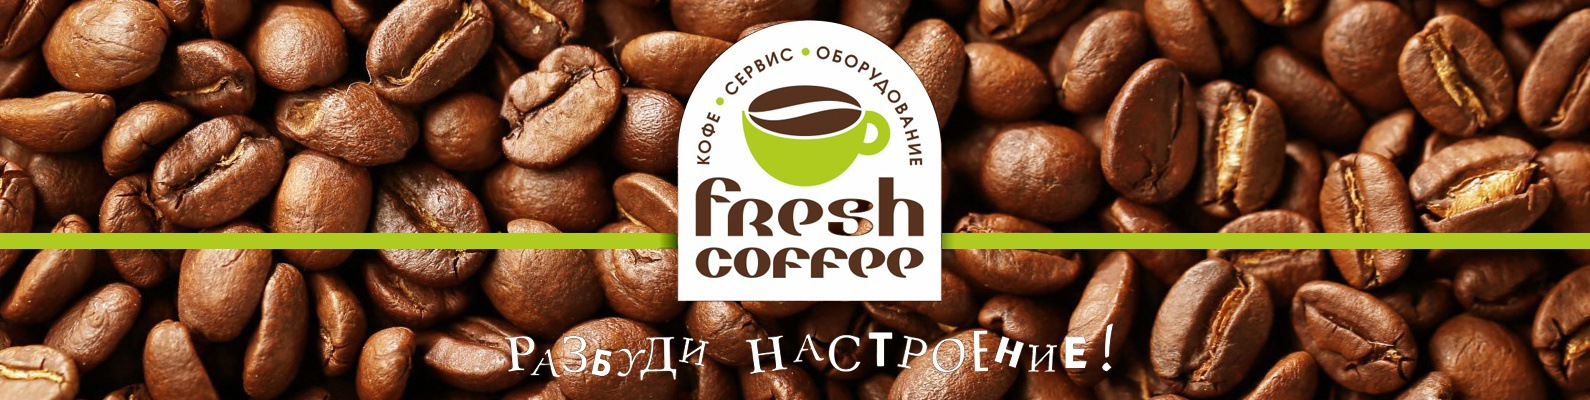 Свежеобжаренный кофе краснодар адреса